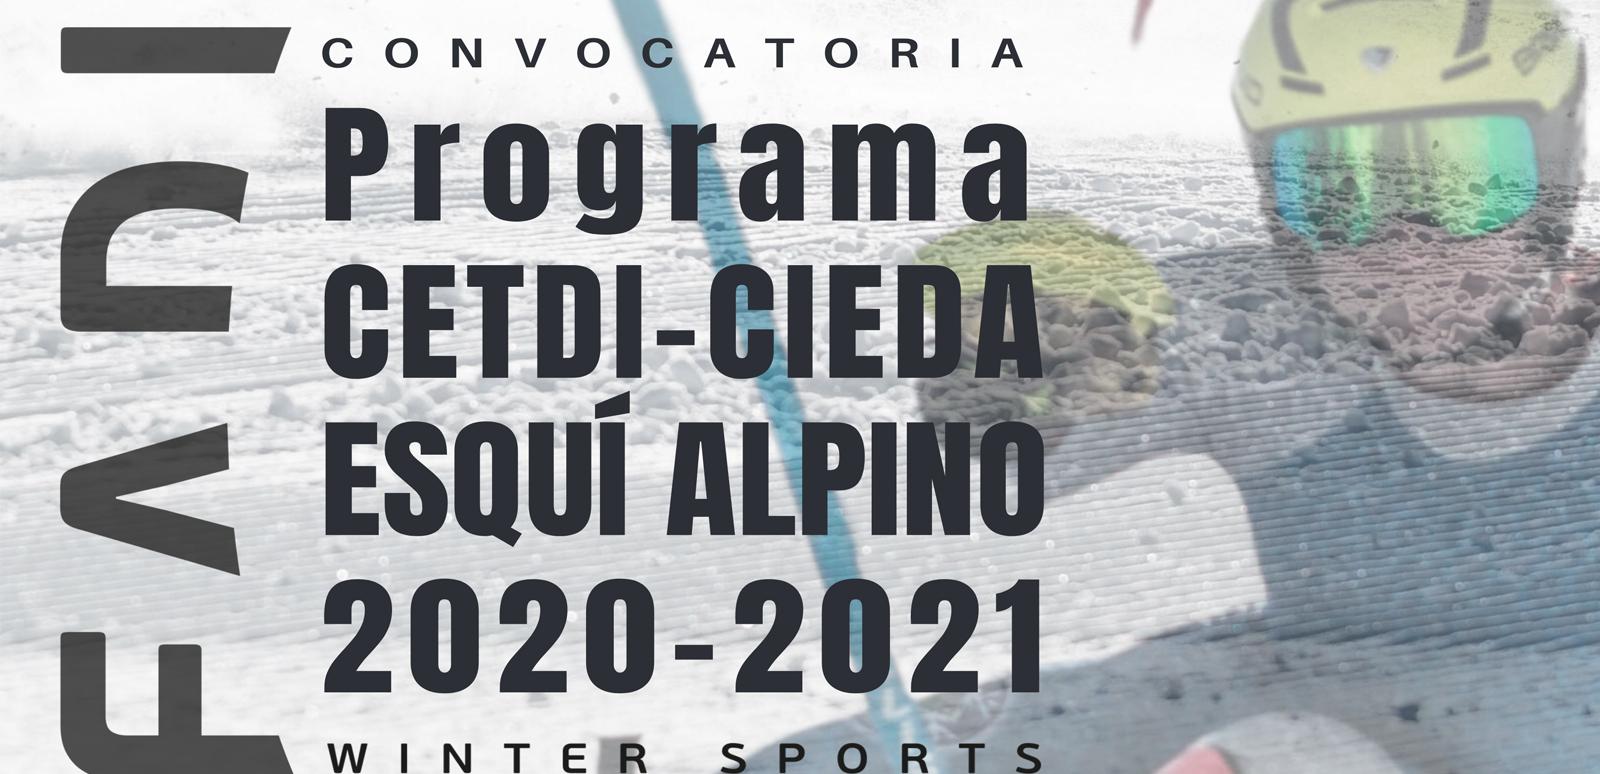 Convocatoria Programa CETDI-CIEDA E. Alpino FADI 2020-2021